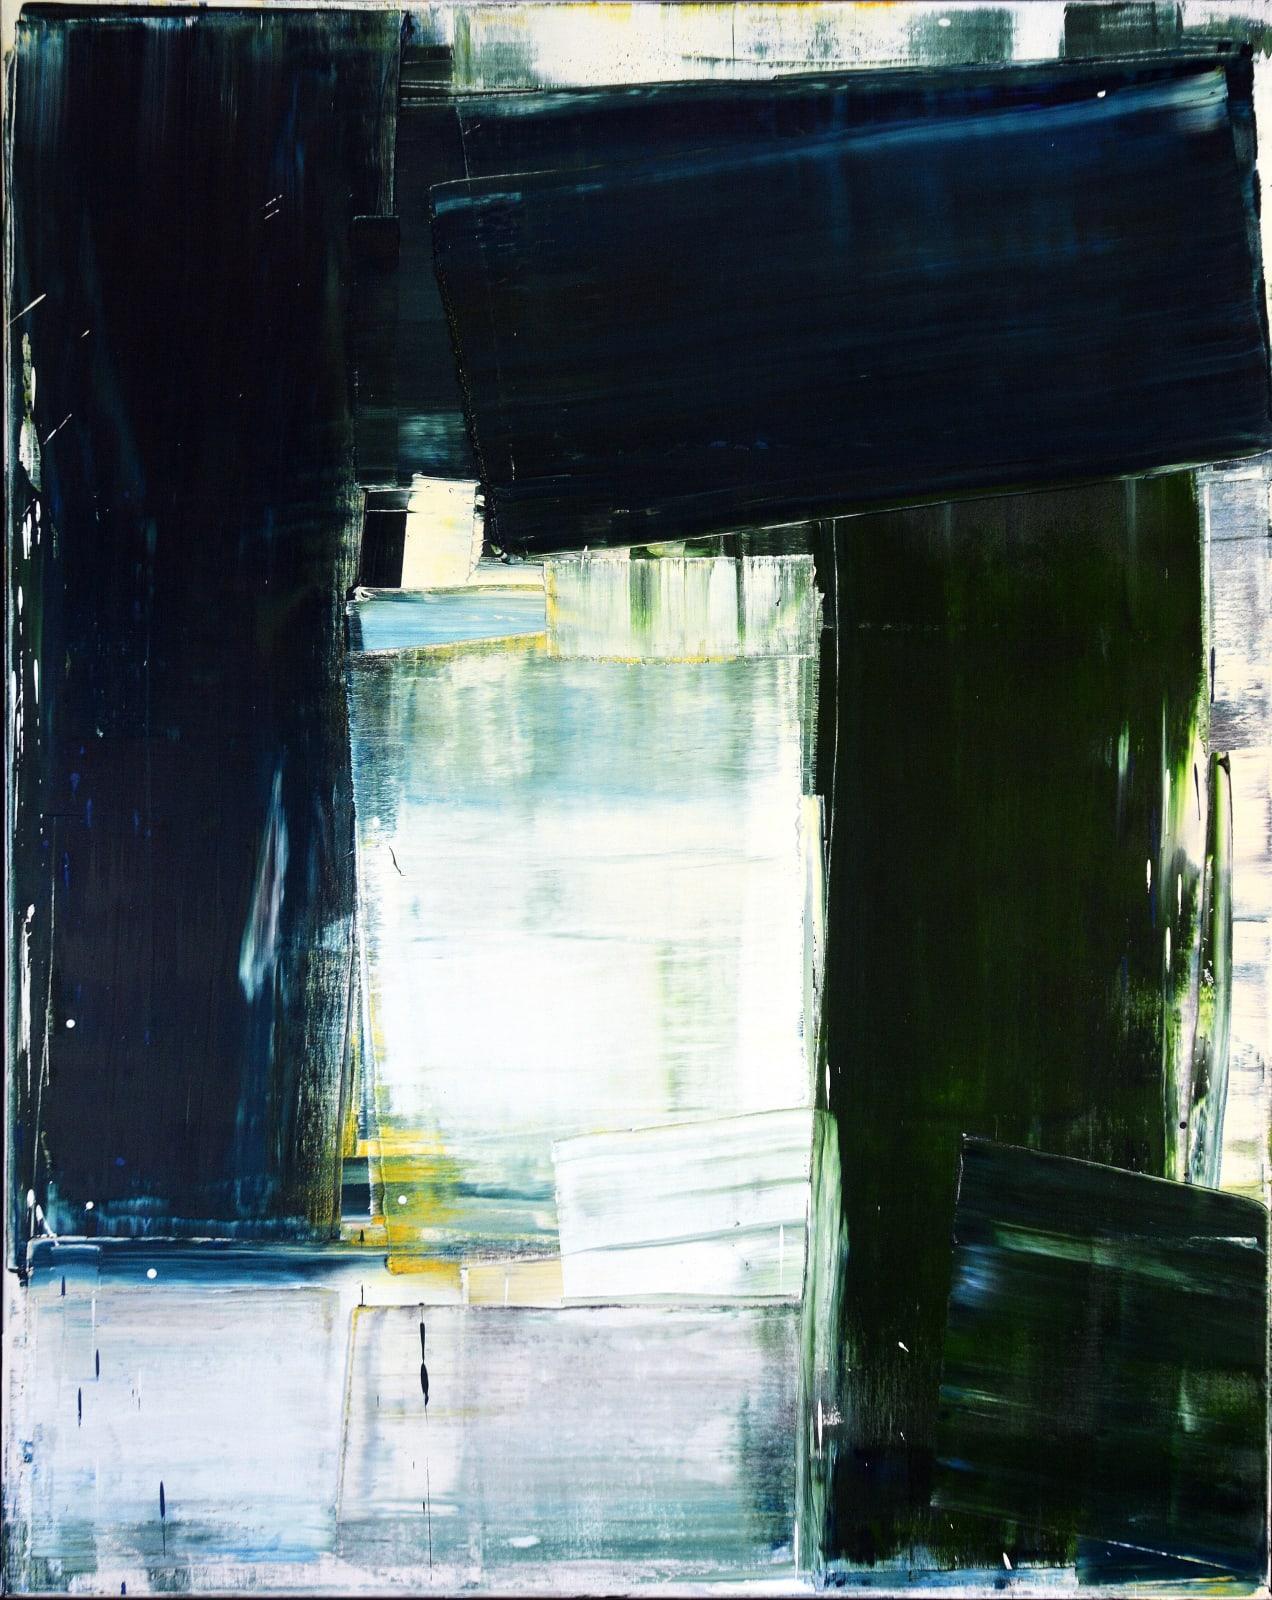 PIVOT, Oil on Canvas, 150 x 120cm